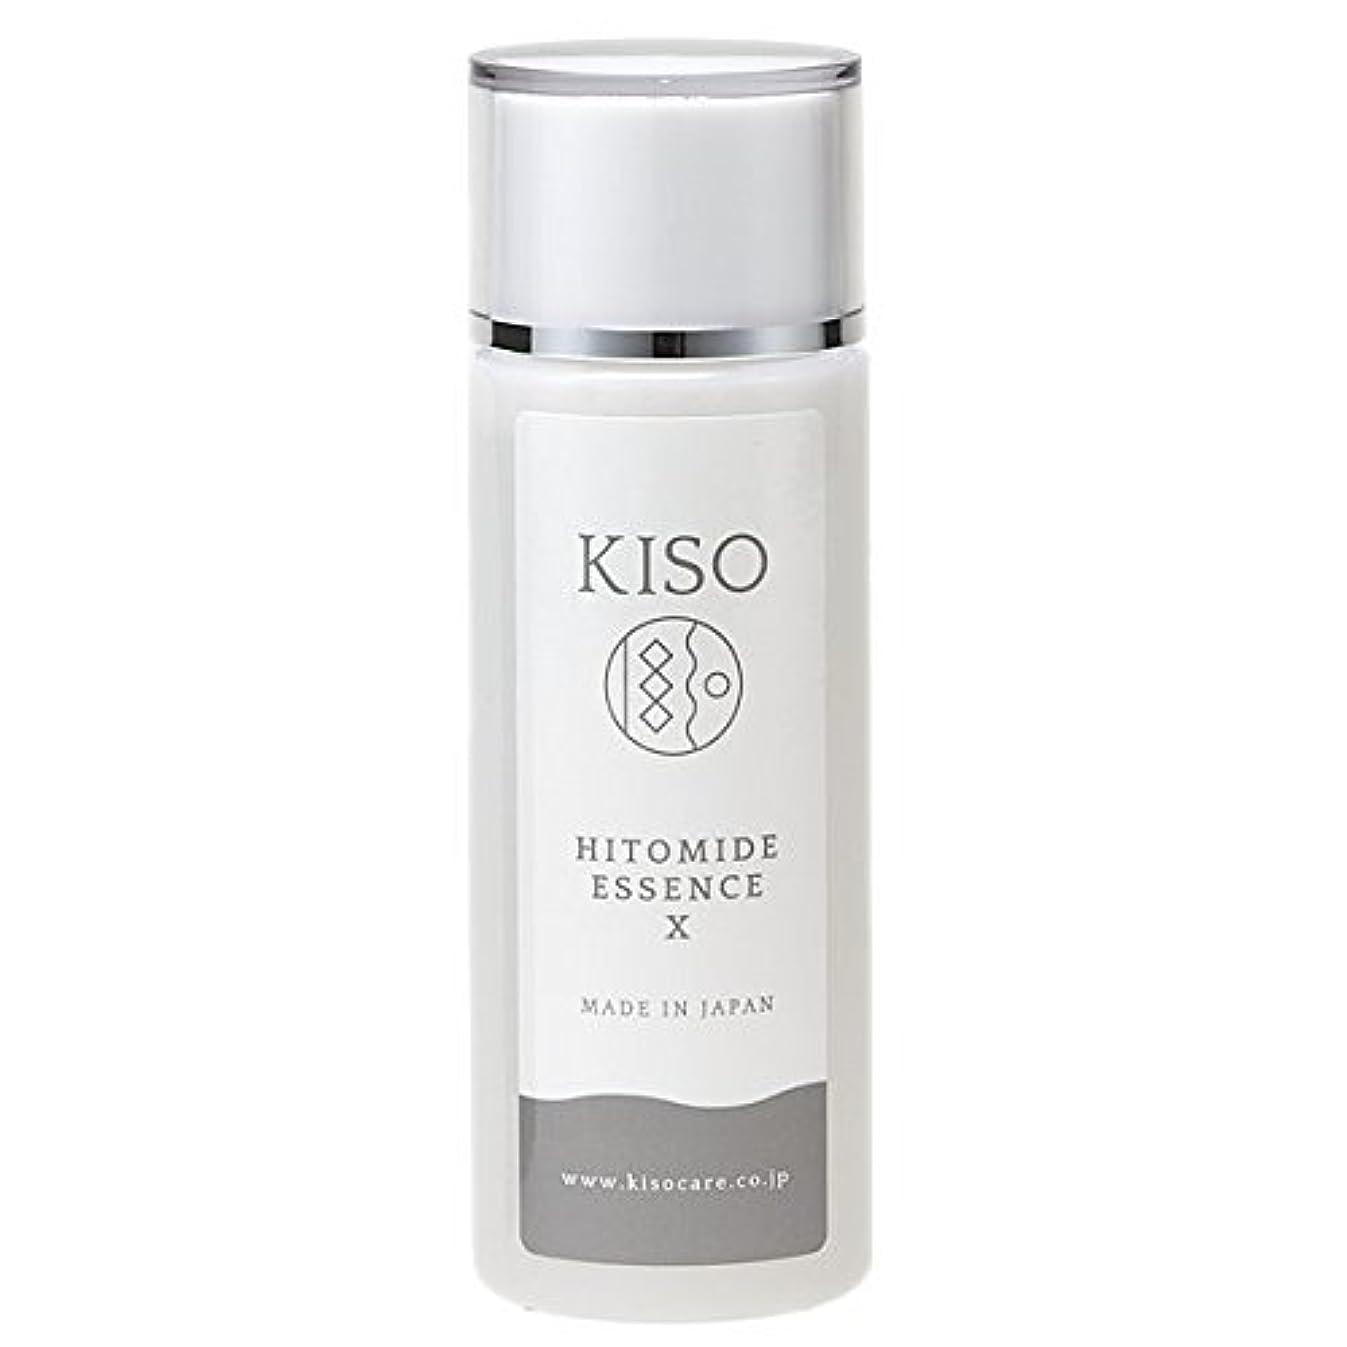 心配するラボ抑圧者KISO ヒト型セラミド原液 10%配合 【ヒトミドエッセンスX 120ml】 保湿力アップ 肌荒れを防ぎキメを整えたい時に